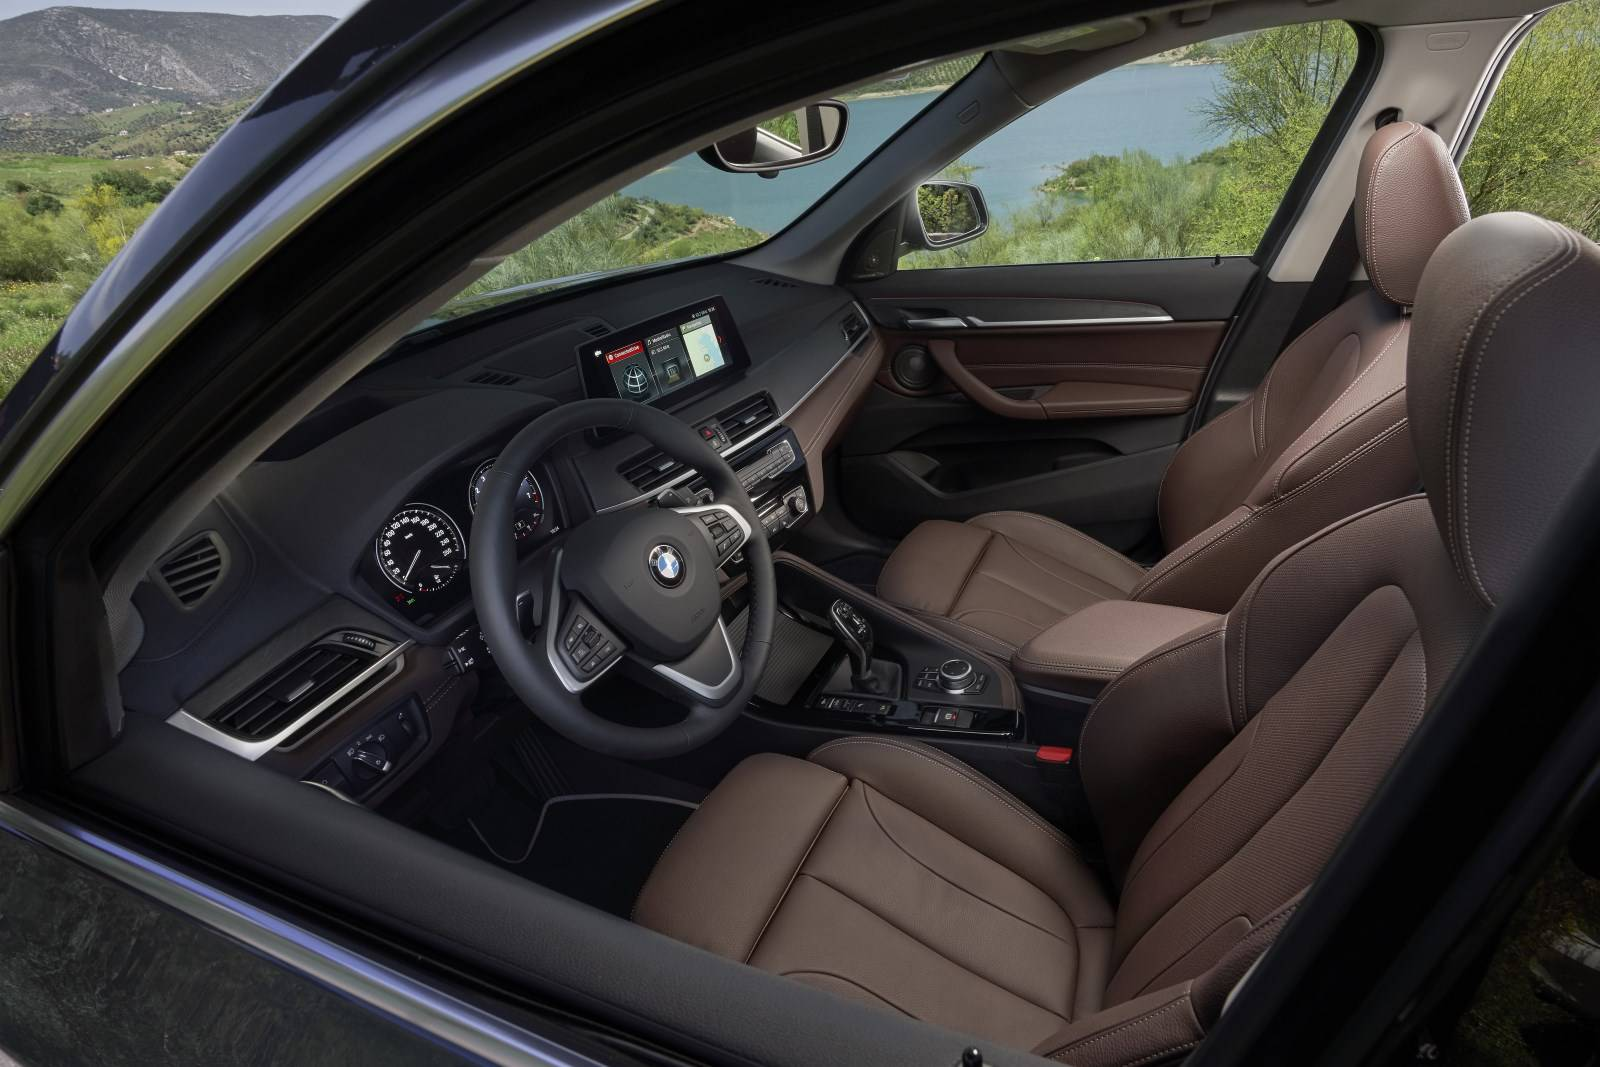 Новый BMW X1 F48 - cмелый и спортивный рестайлинг 5